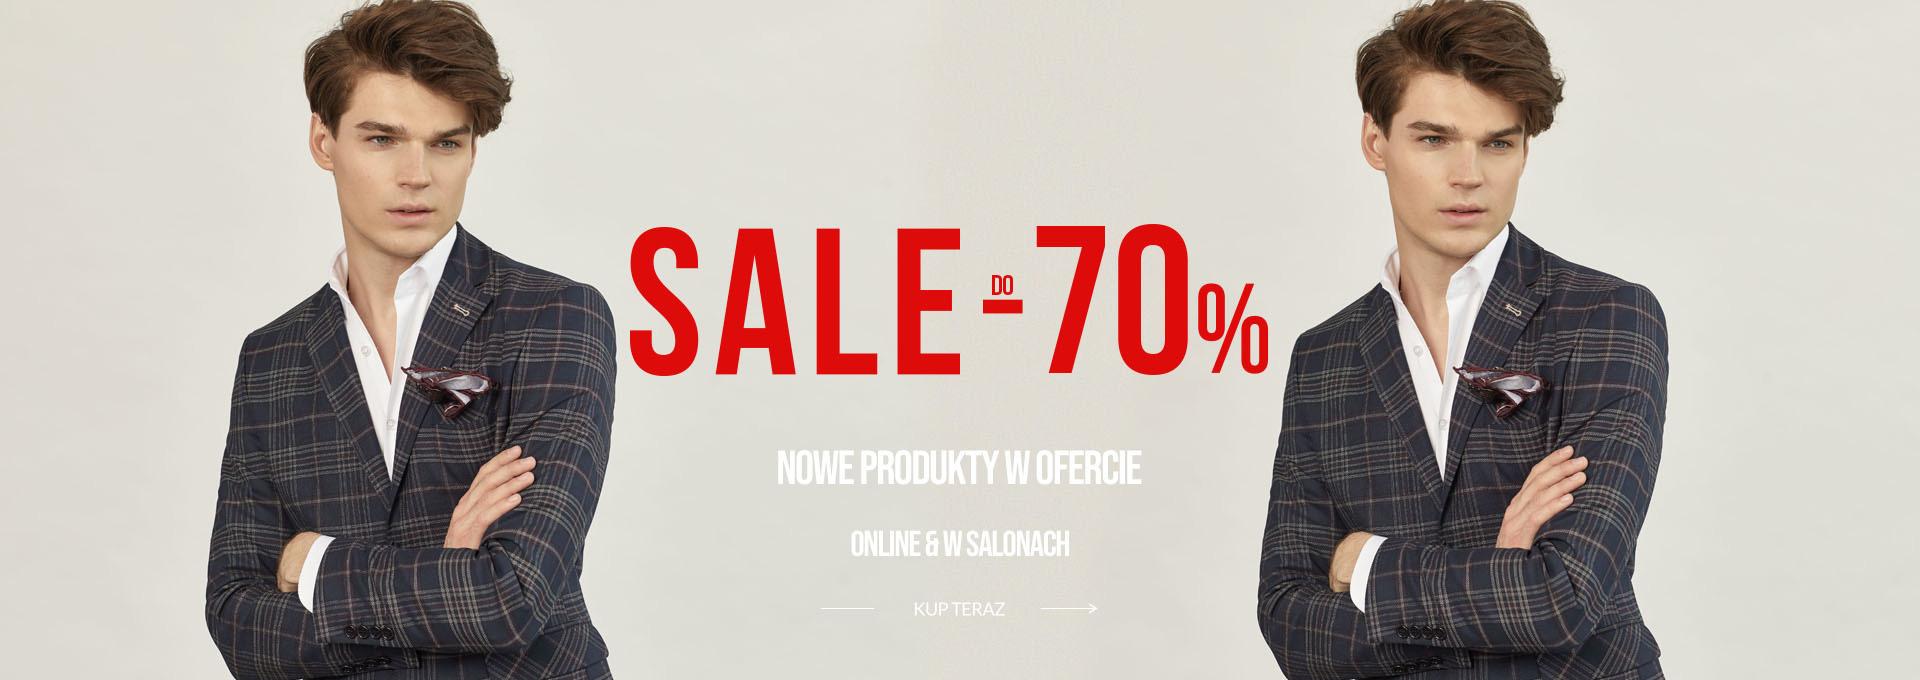 Pako Lorente: wyprzedaż do 70% rabatu na odzież męską